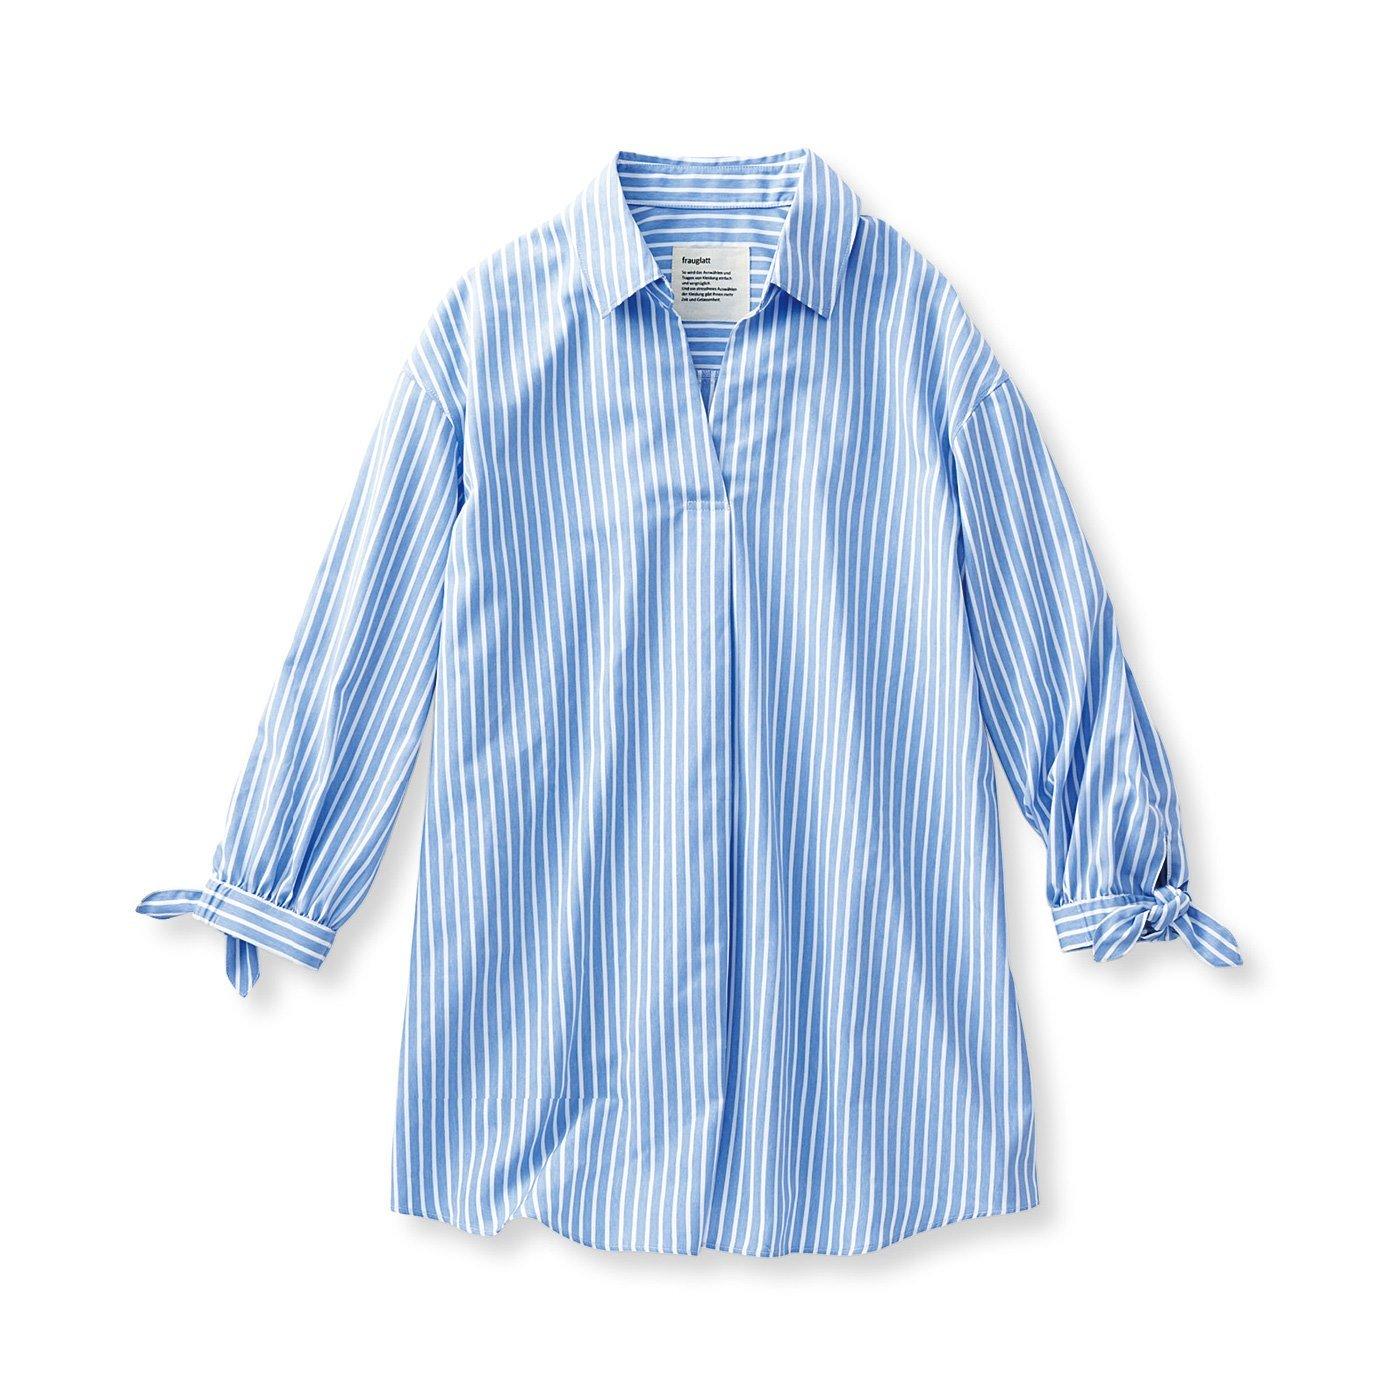 フラウグラット イージーケアの すとんと着るだけで決まる 軽やかプルオーバーストライプシャツチュニック〈サックス〉